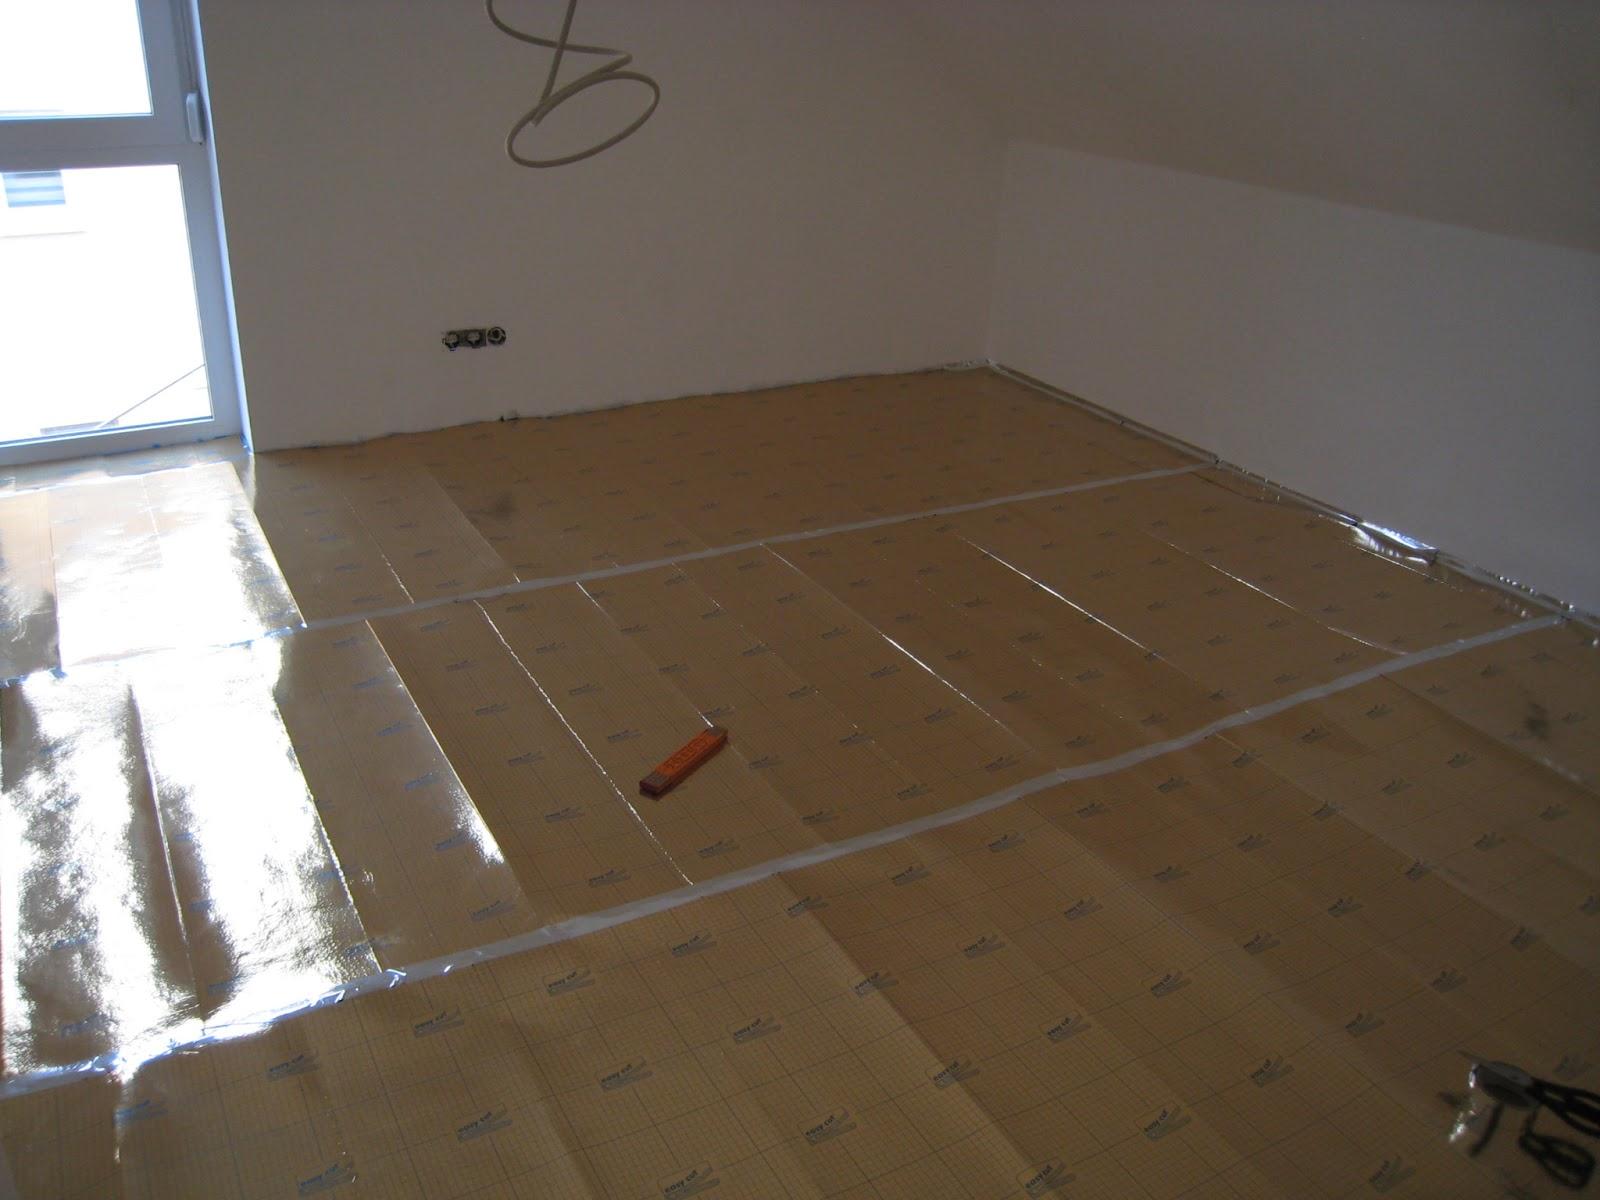 stein auf stein das haus wird bald fertig sein laminat verlegt. Black Bedroom Furniture Sets. Home Design Ideas